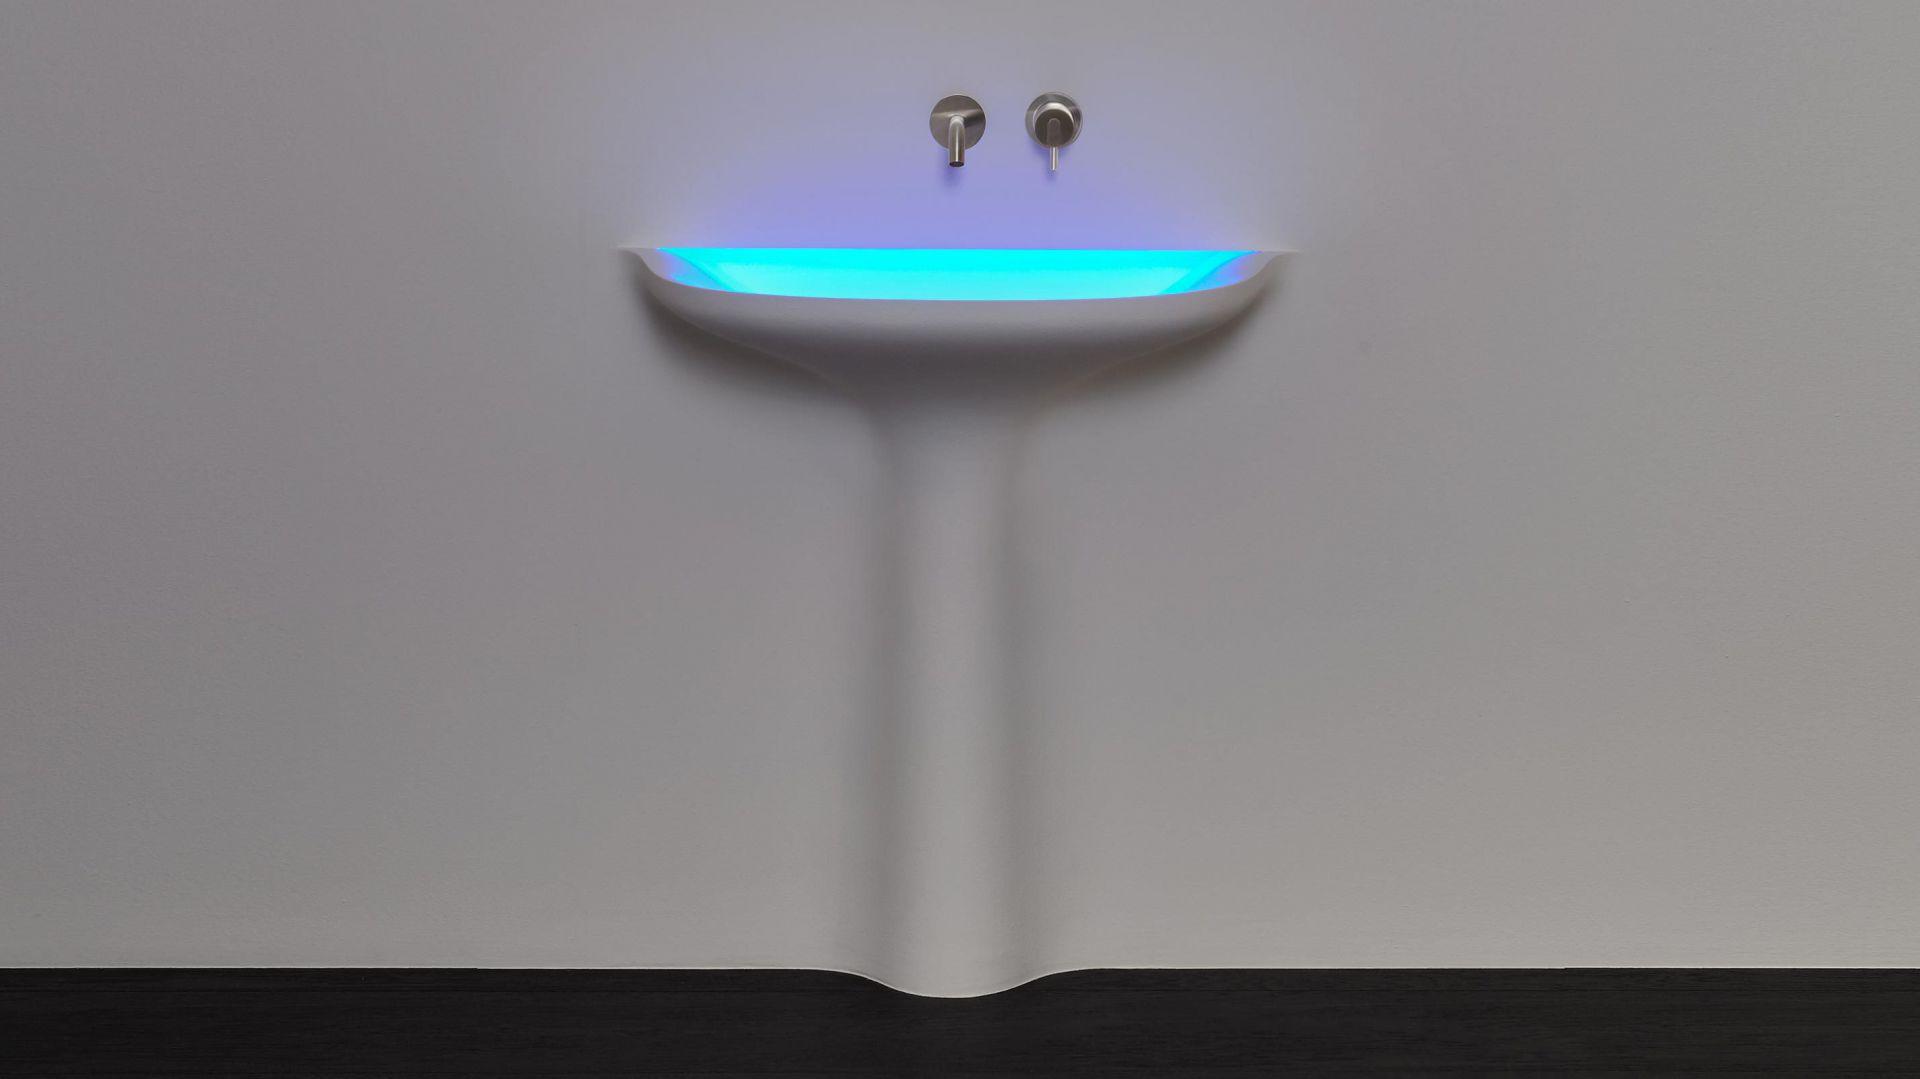 Designerska umywalka autorstwa Antonio Lupi. Można odnieść wrażenie, że umywalka niejako wynurza się ze ściany. Taki efekt osiągnięto dzięki wmurowaniu w ścianę i pomalowania jej na ten sam kolor. Fot. Studio Forma 96